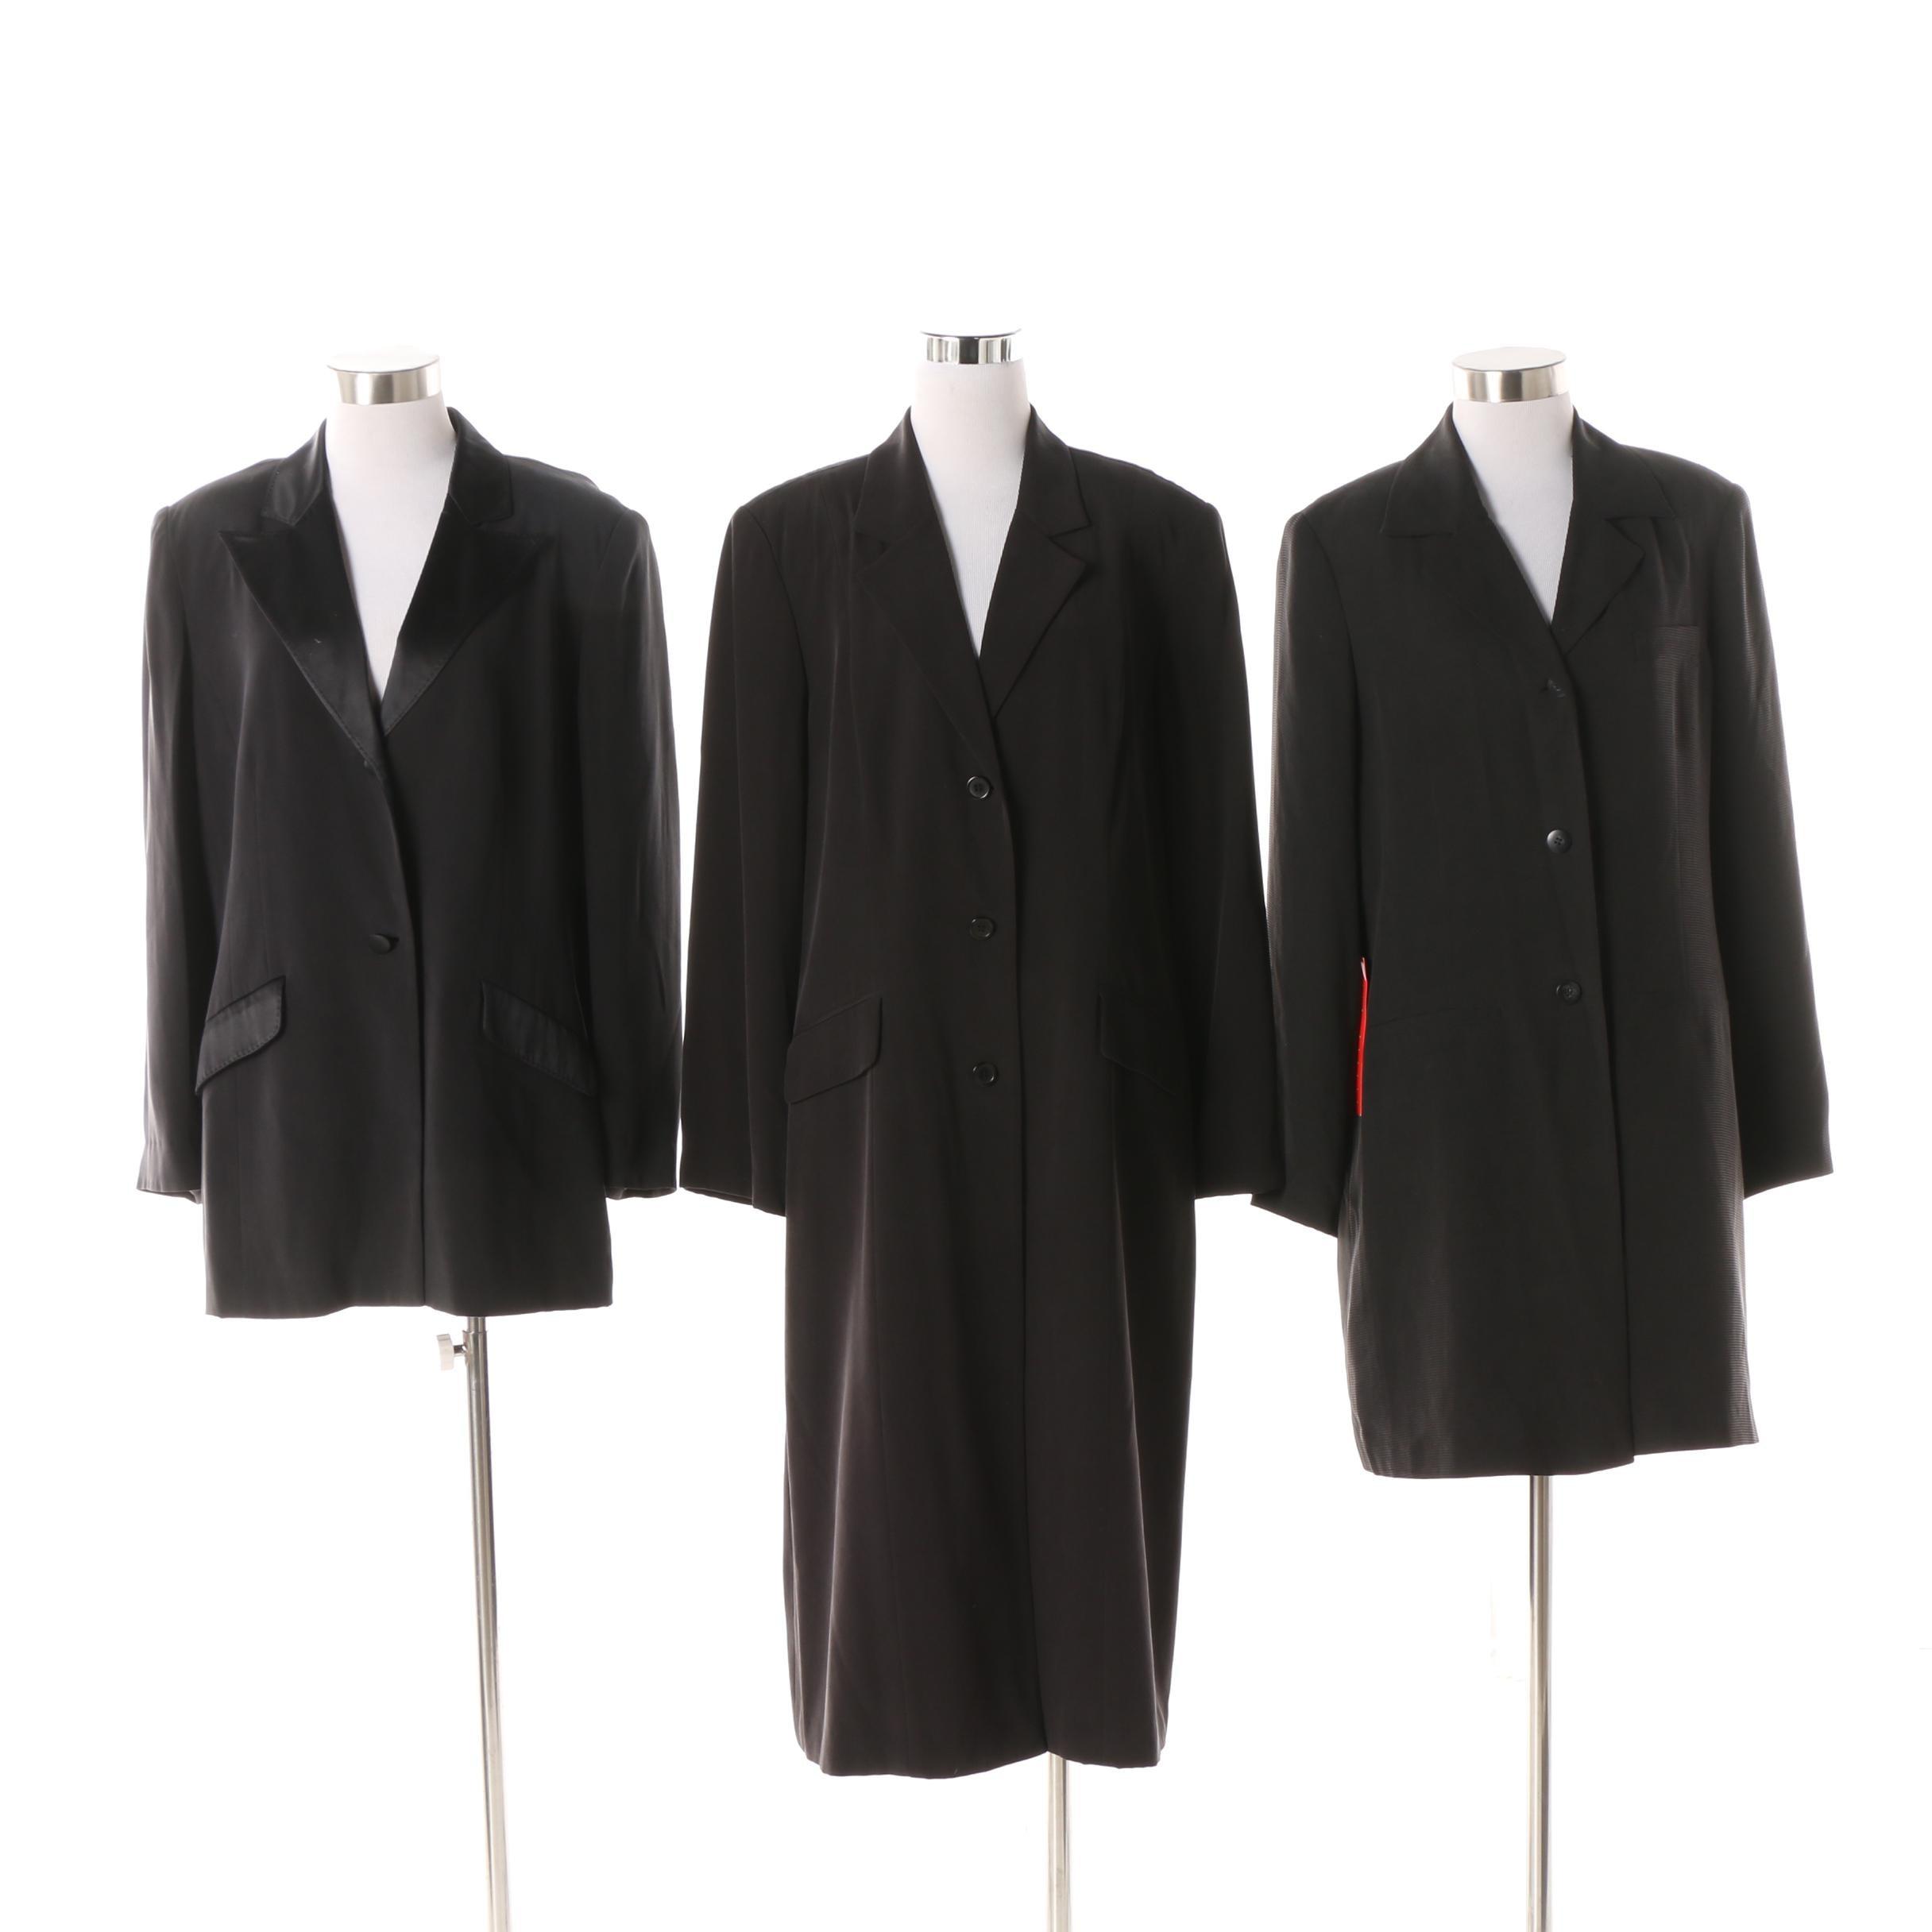 Circa 1990s Diane von Furstenberg Silk Assets Black Silk Jackets and Coat